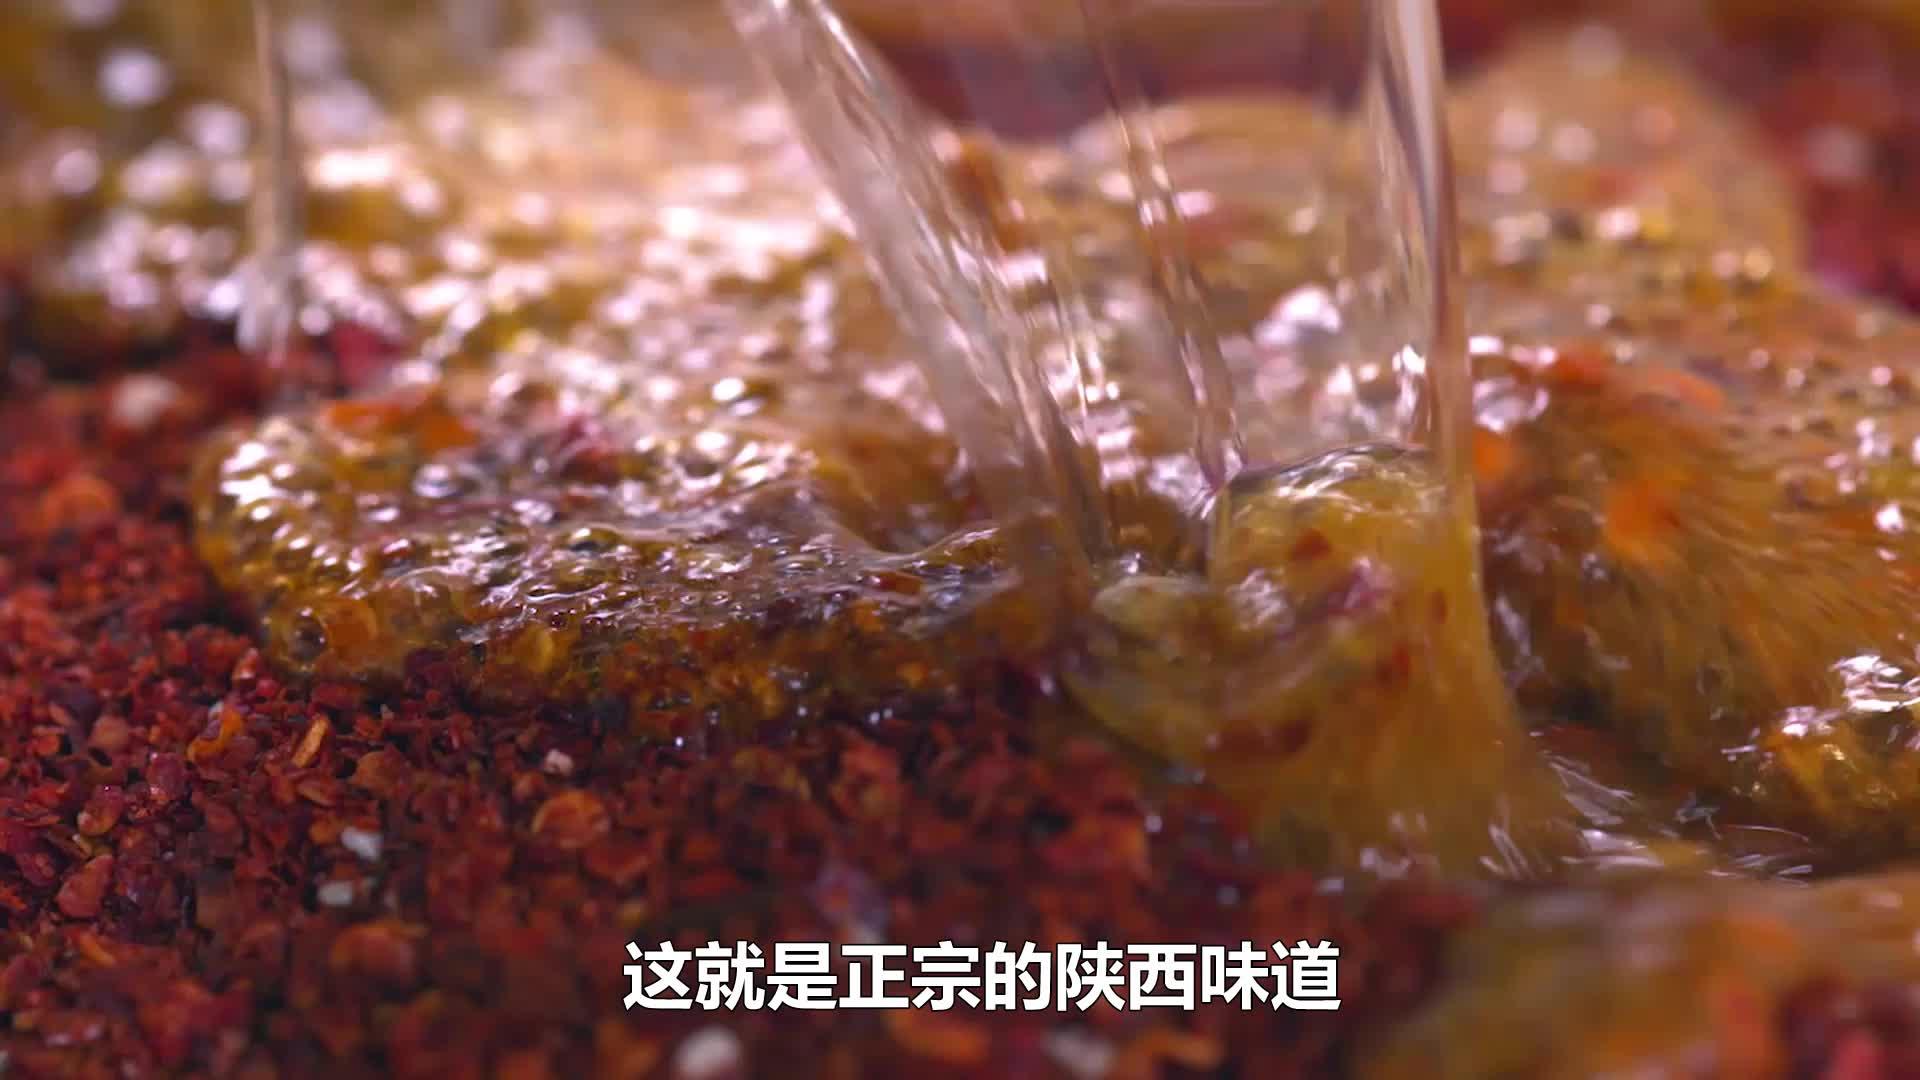 让张嘉益香到停不下来的油泼辣子到底怎么做的?